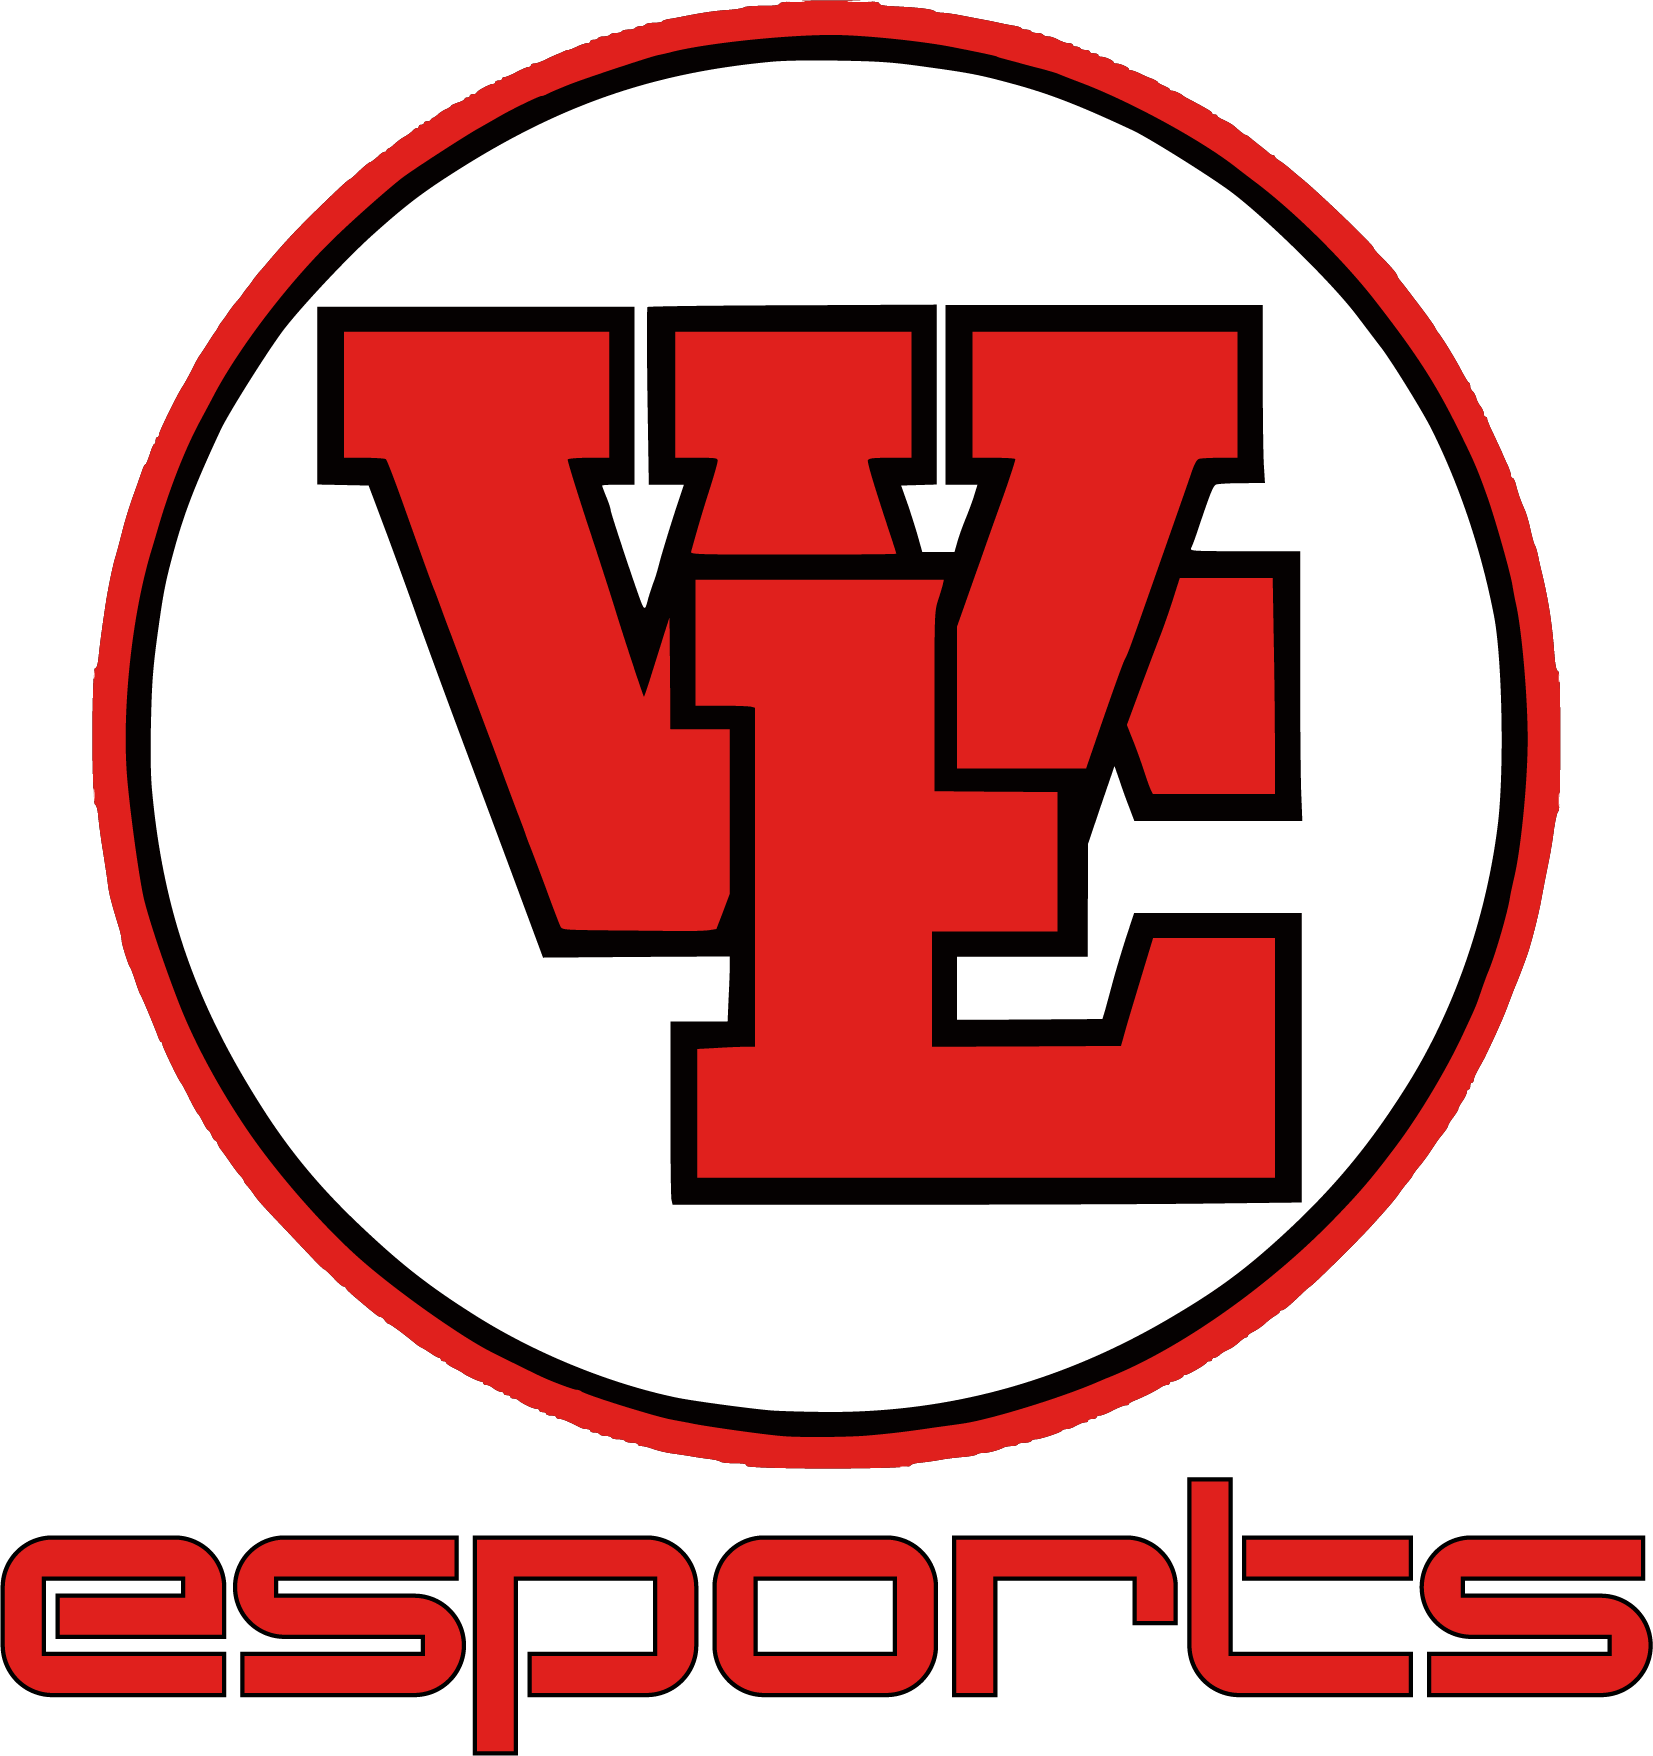 West Essex Knights Red's logo